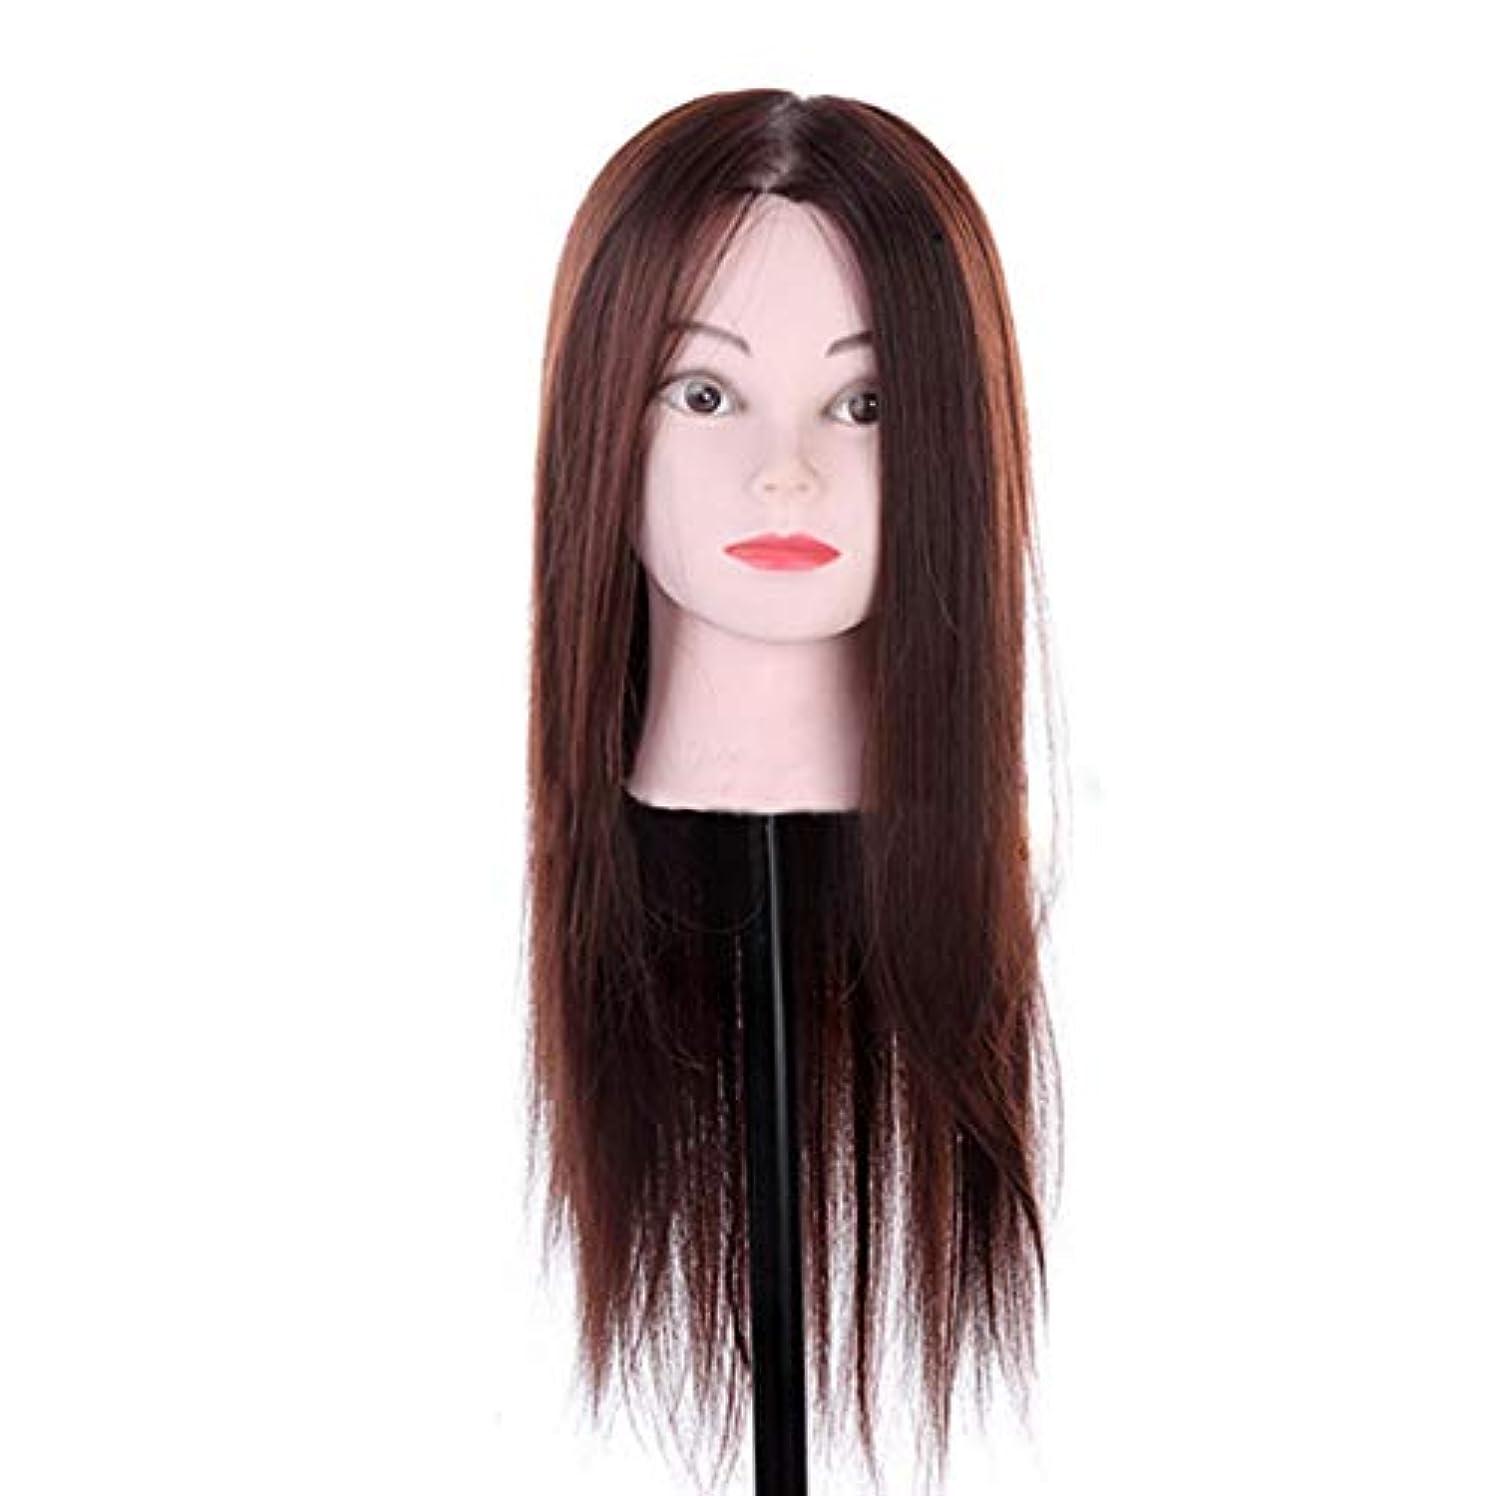 好色な大統領スーツケースメイクアップエクササイズディスク髪編組ヘッド金型デュアルユースダミーヘッドモデルヘッド美容ヘアカットティーチングヘッドかつら